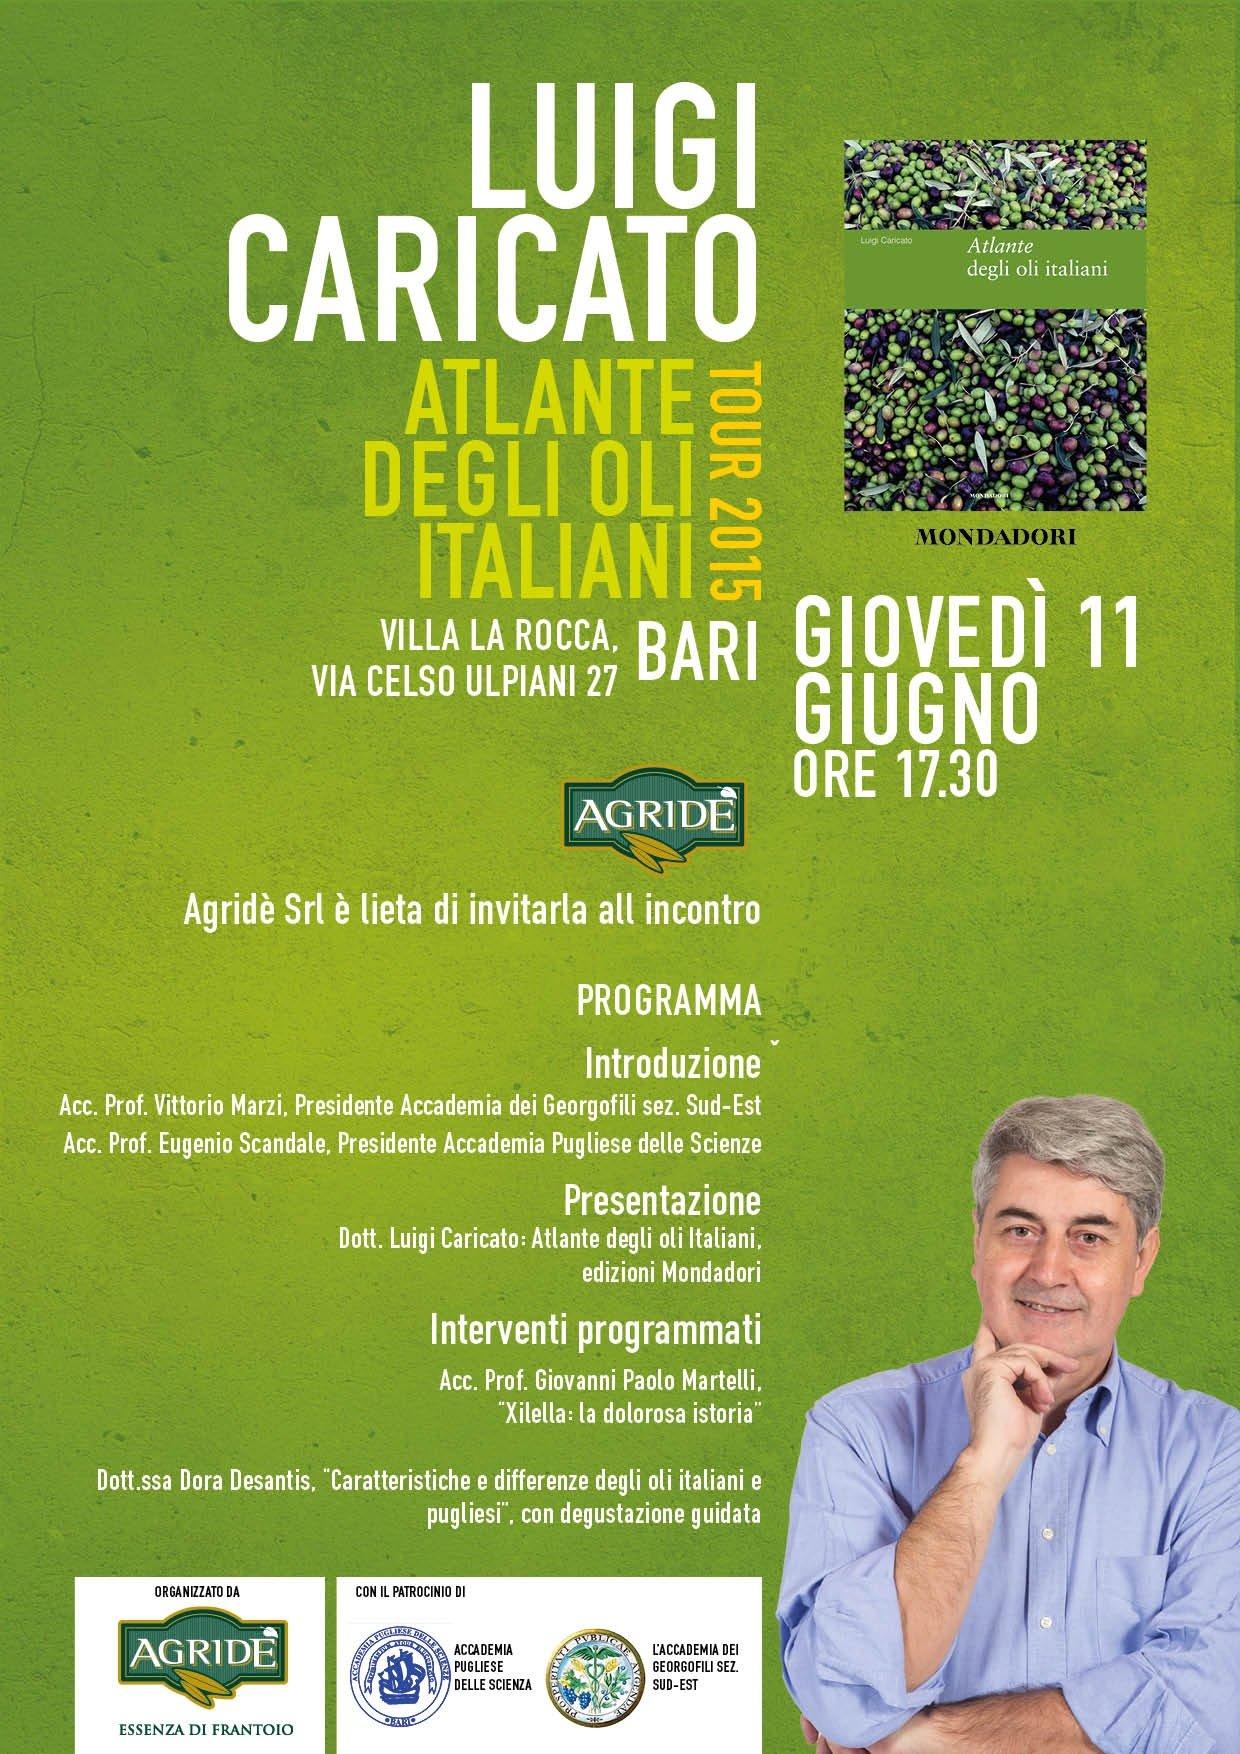 La presentazione dell'Atlante degli oli italiani di Luigi Caricato ai Georgofili a Bari